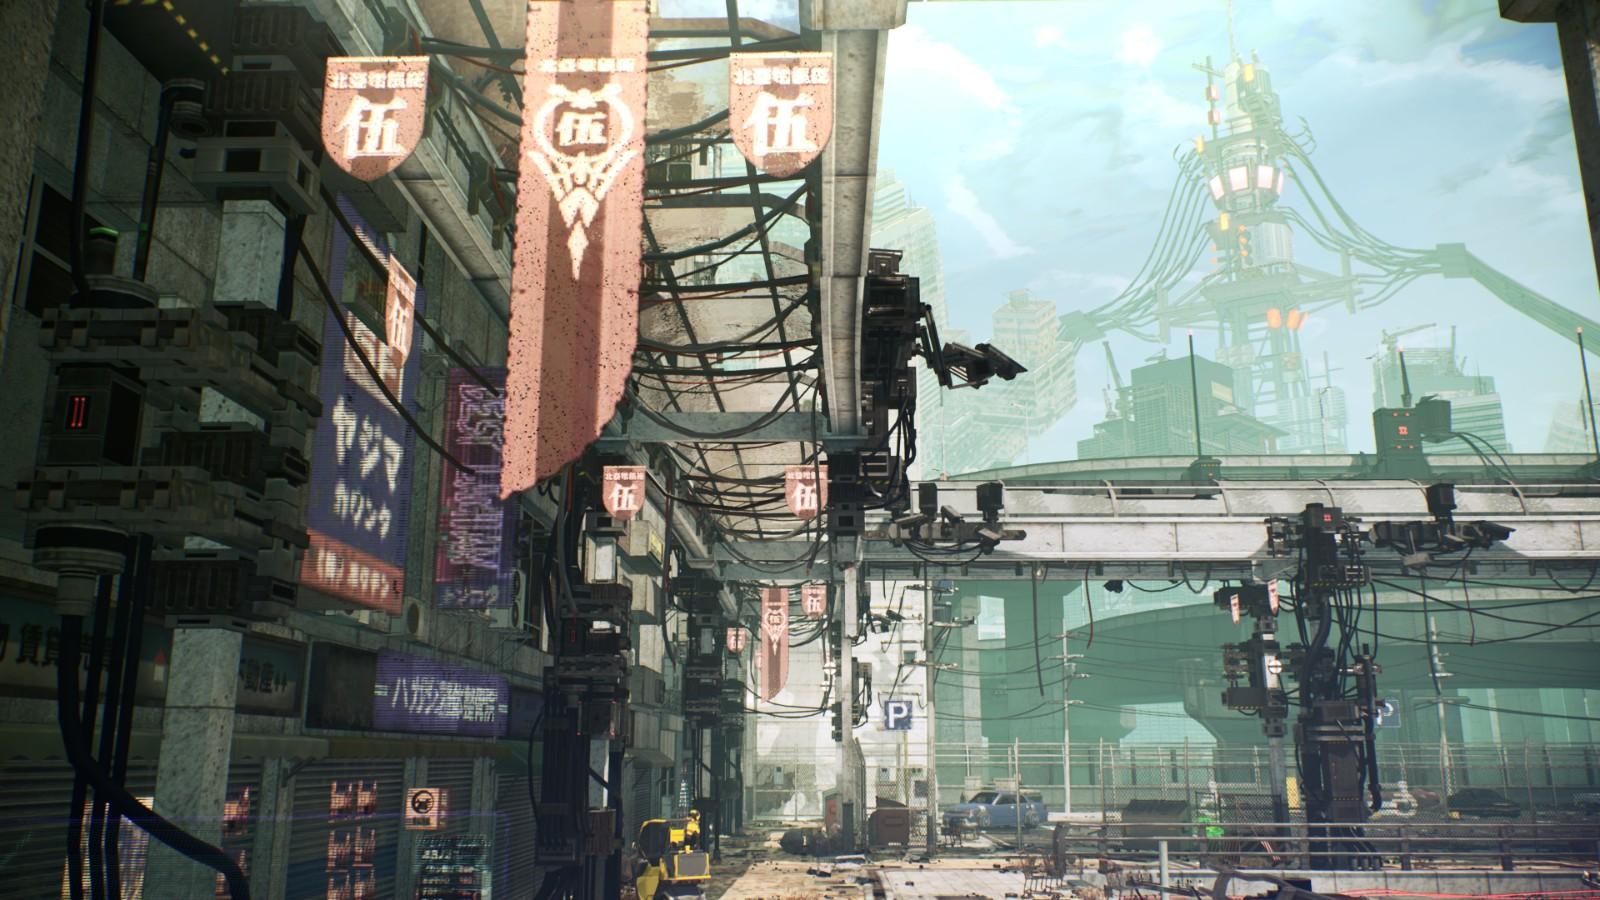 《绯红结系》公布新截图 展示了游戏角色和技能等内容 游戏资讯 第3张